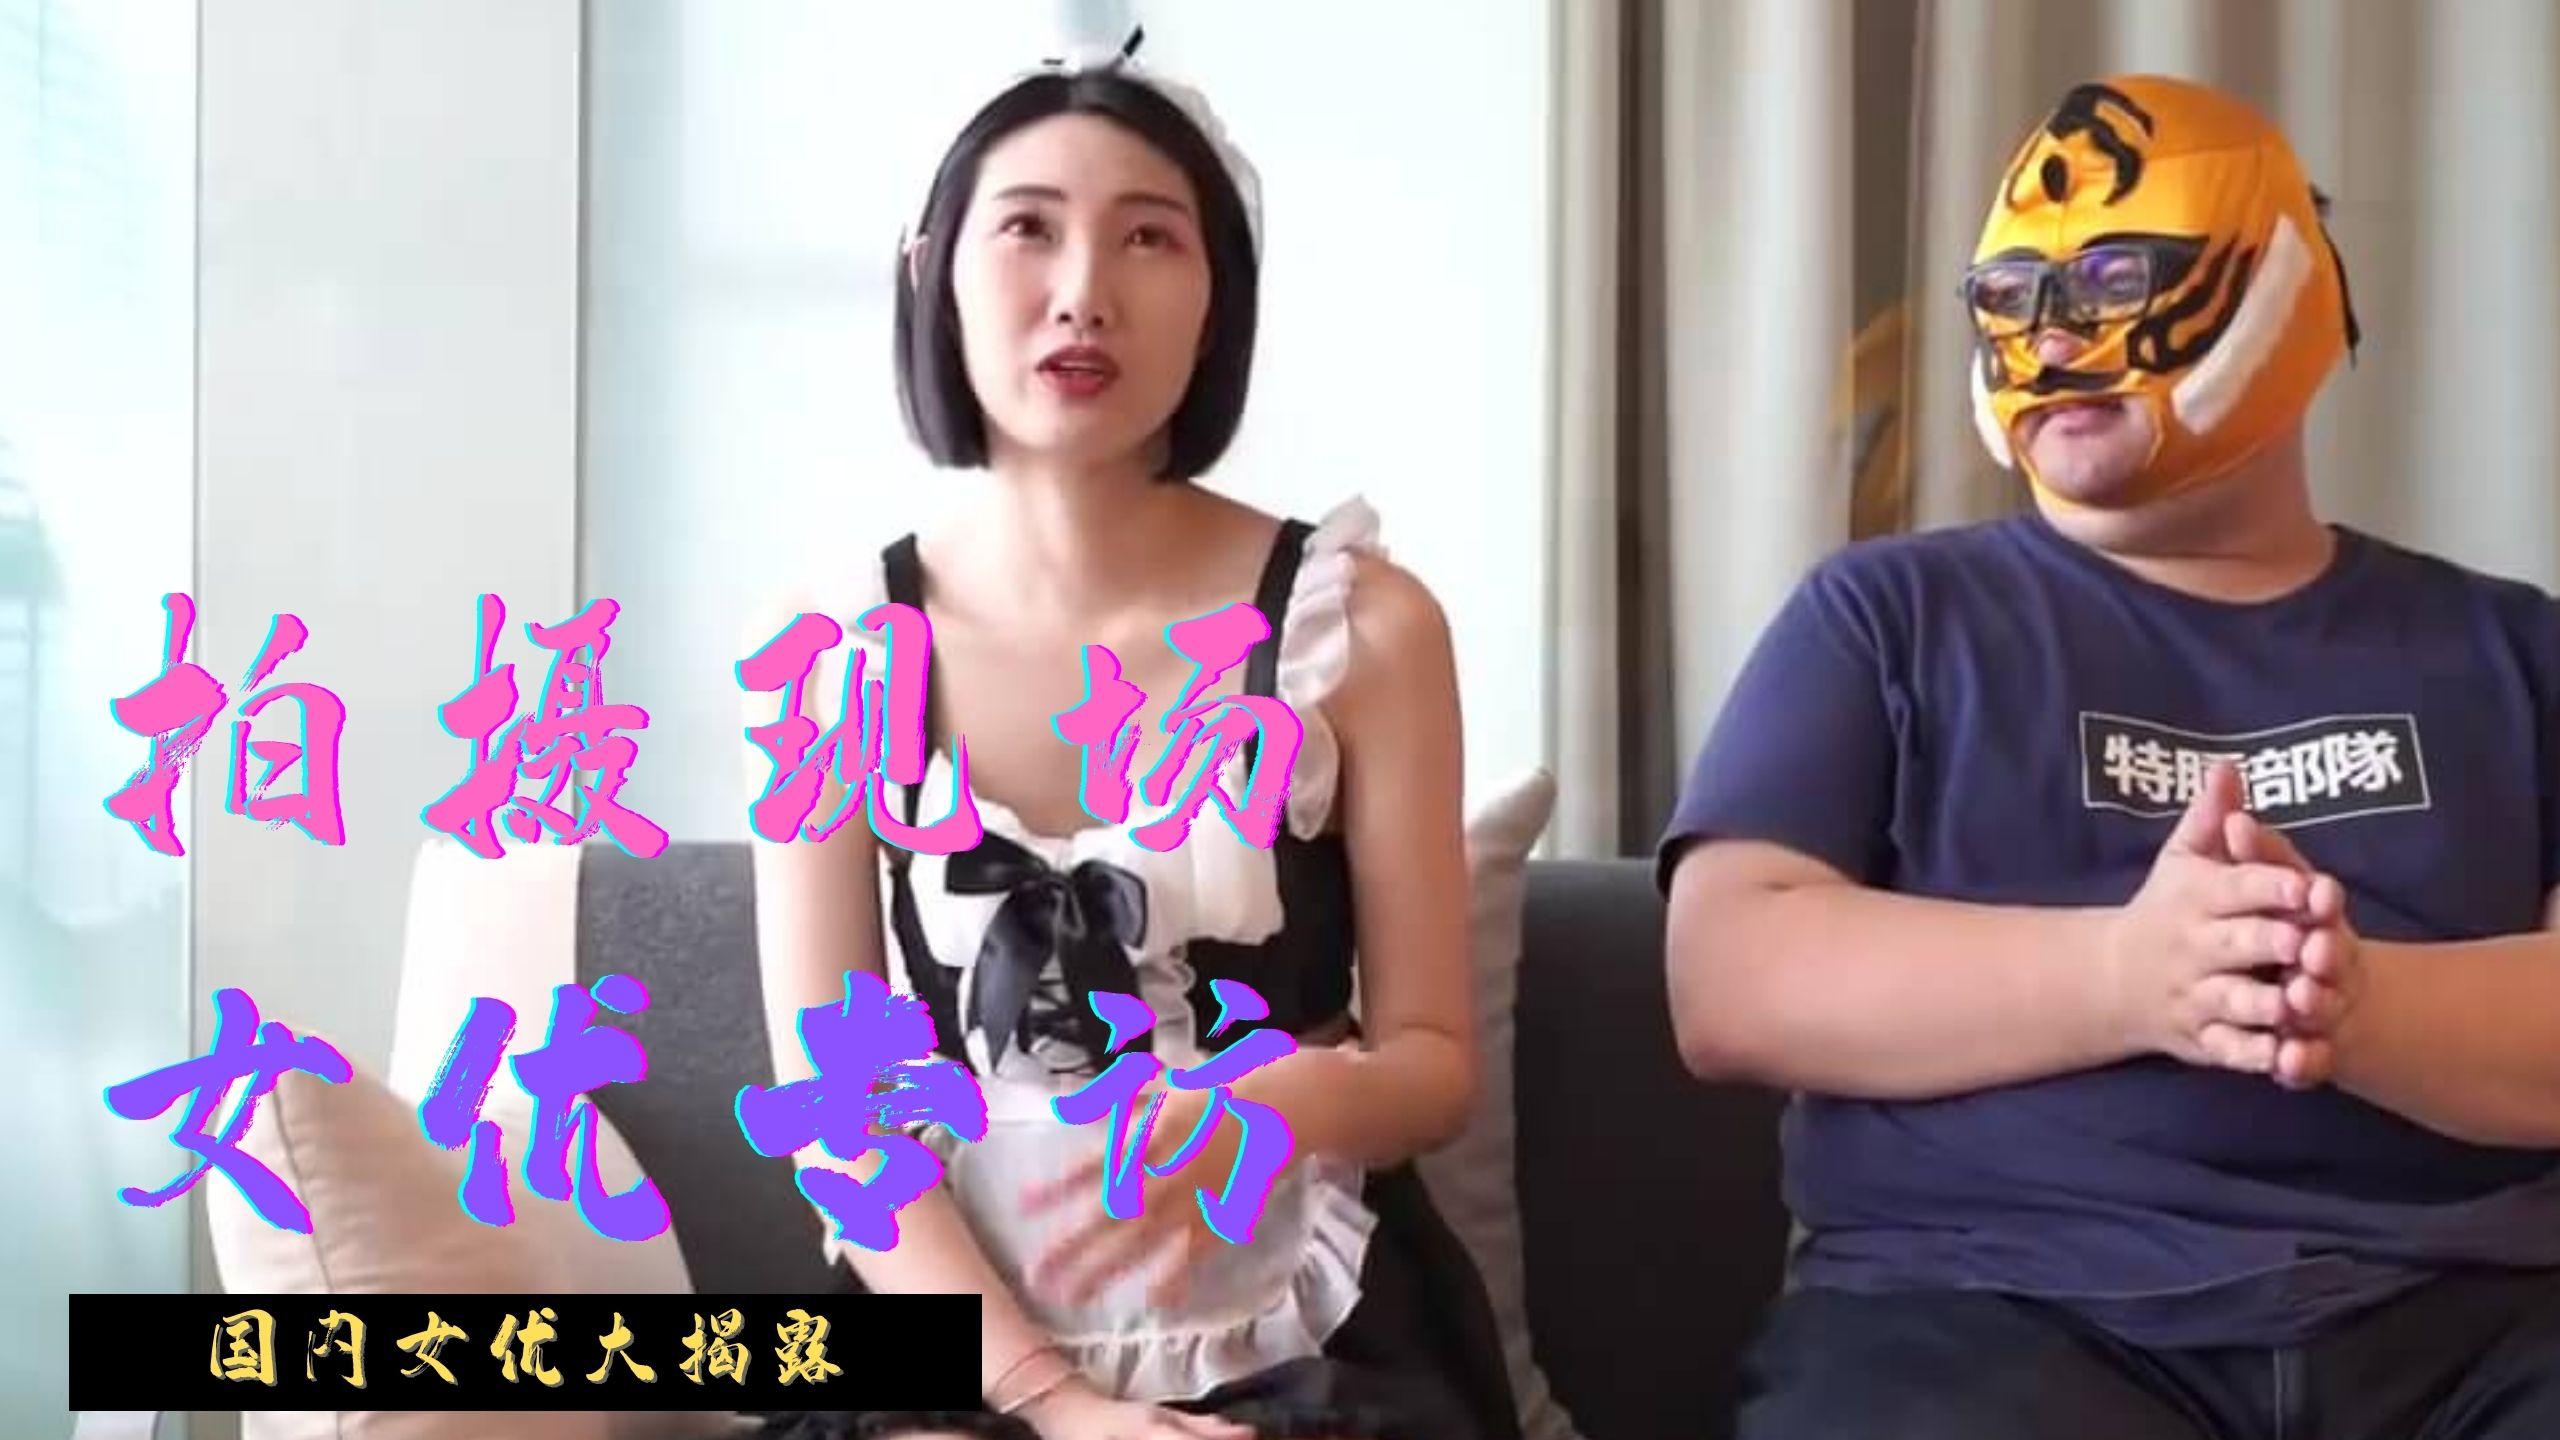 直擊台灣謎片拍攝現場